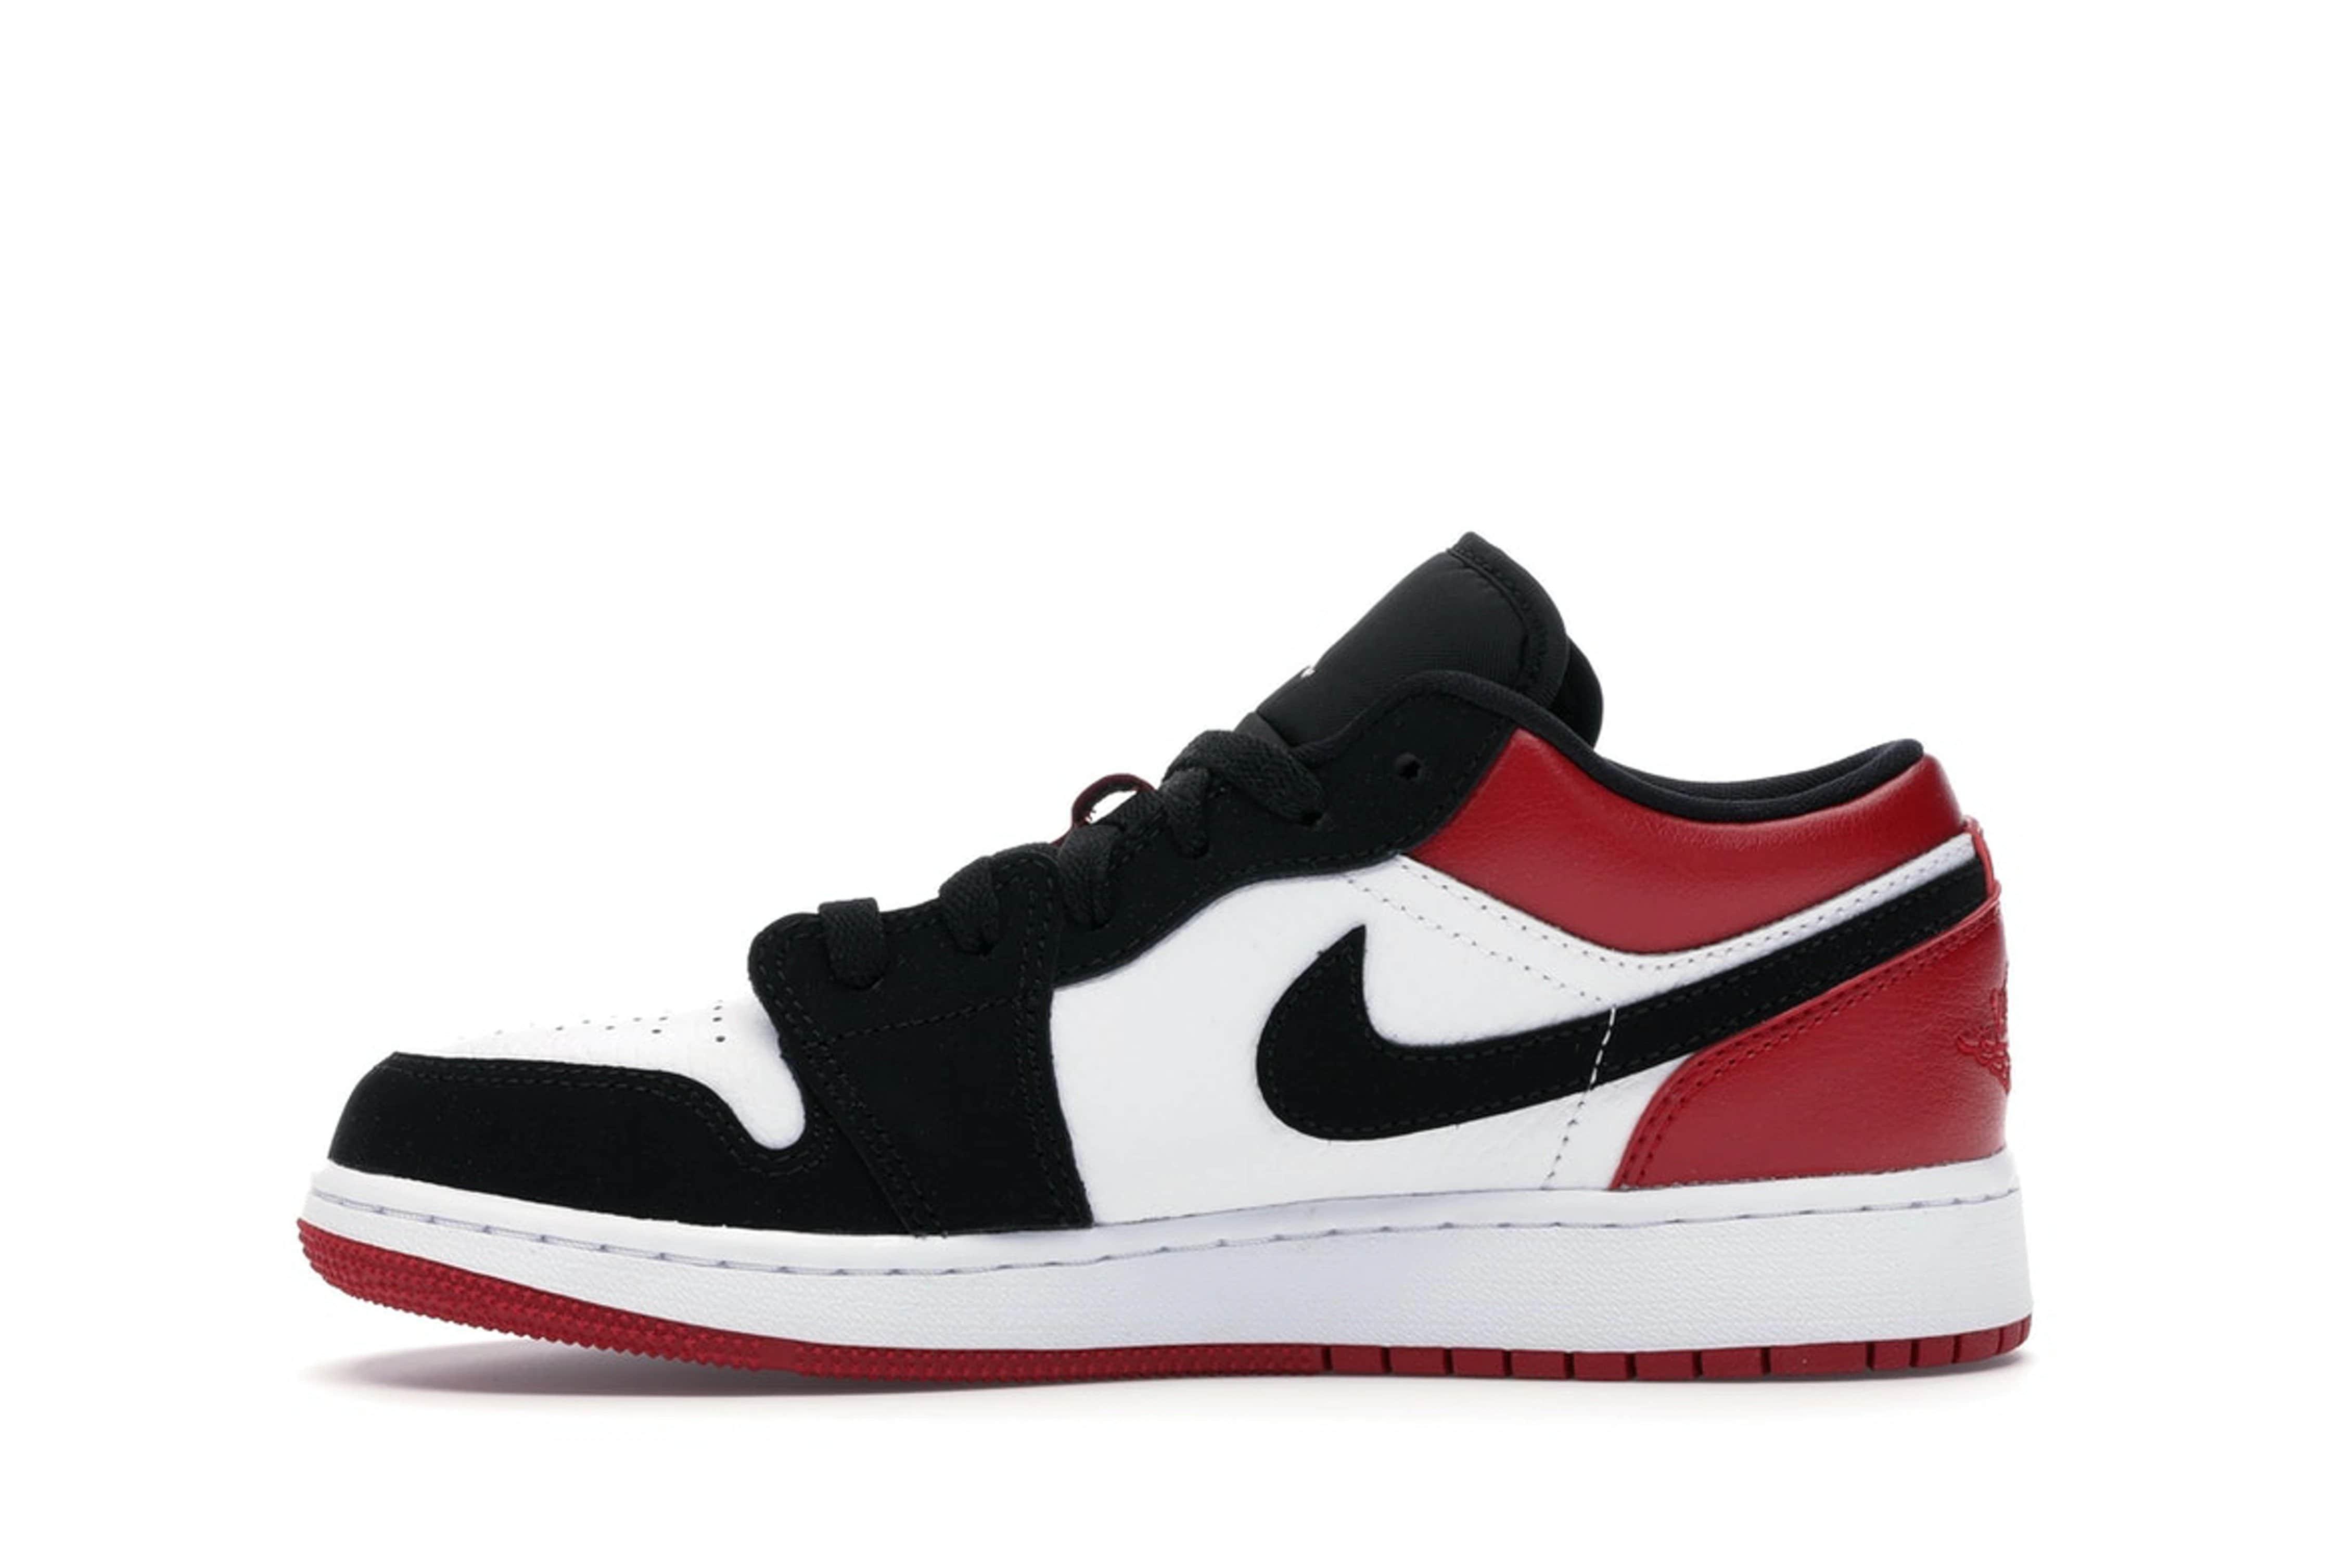 slide 3 - Jordan 1 Low Black Toe (GS)